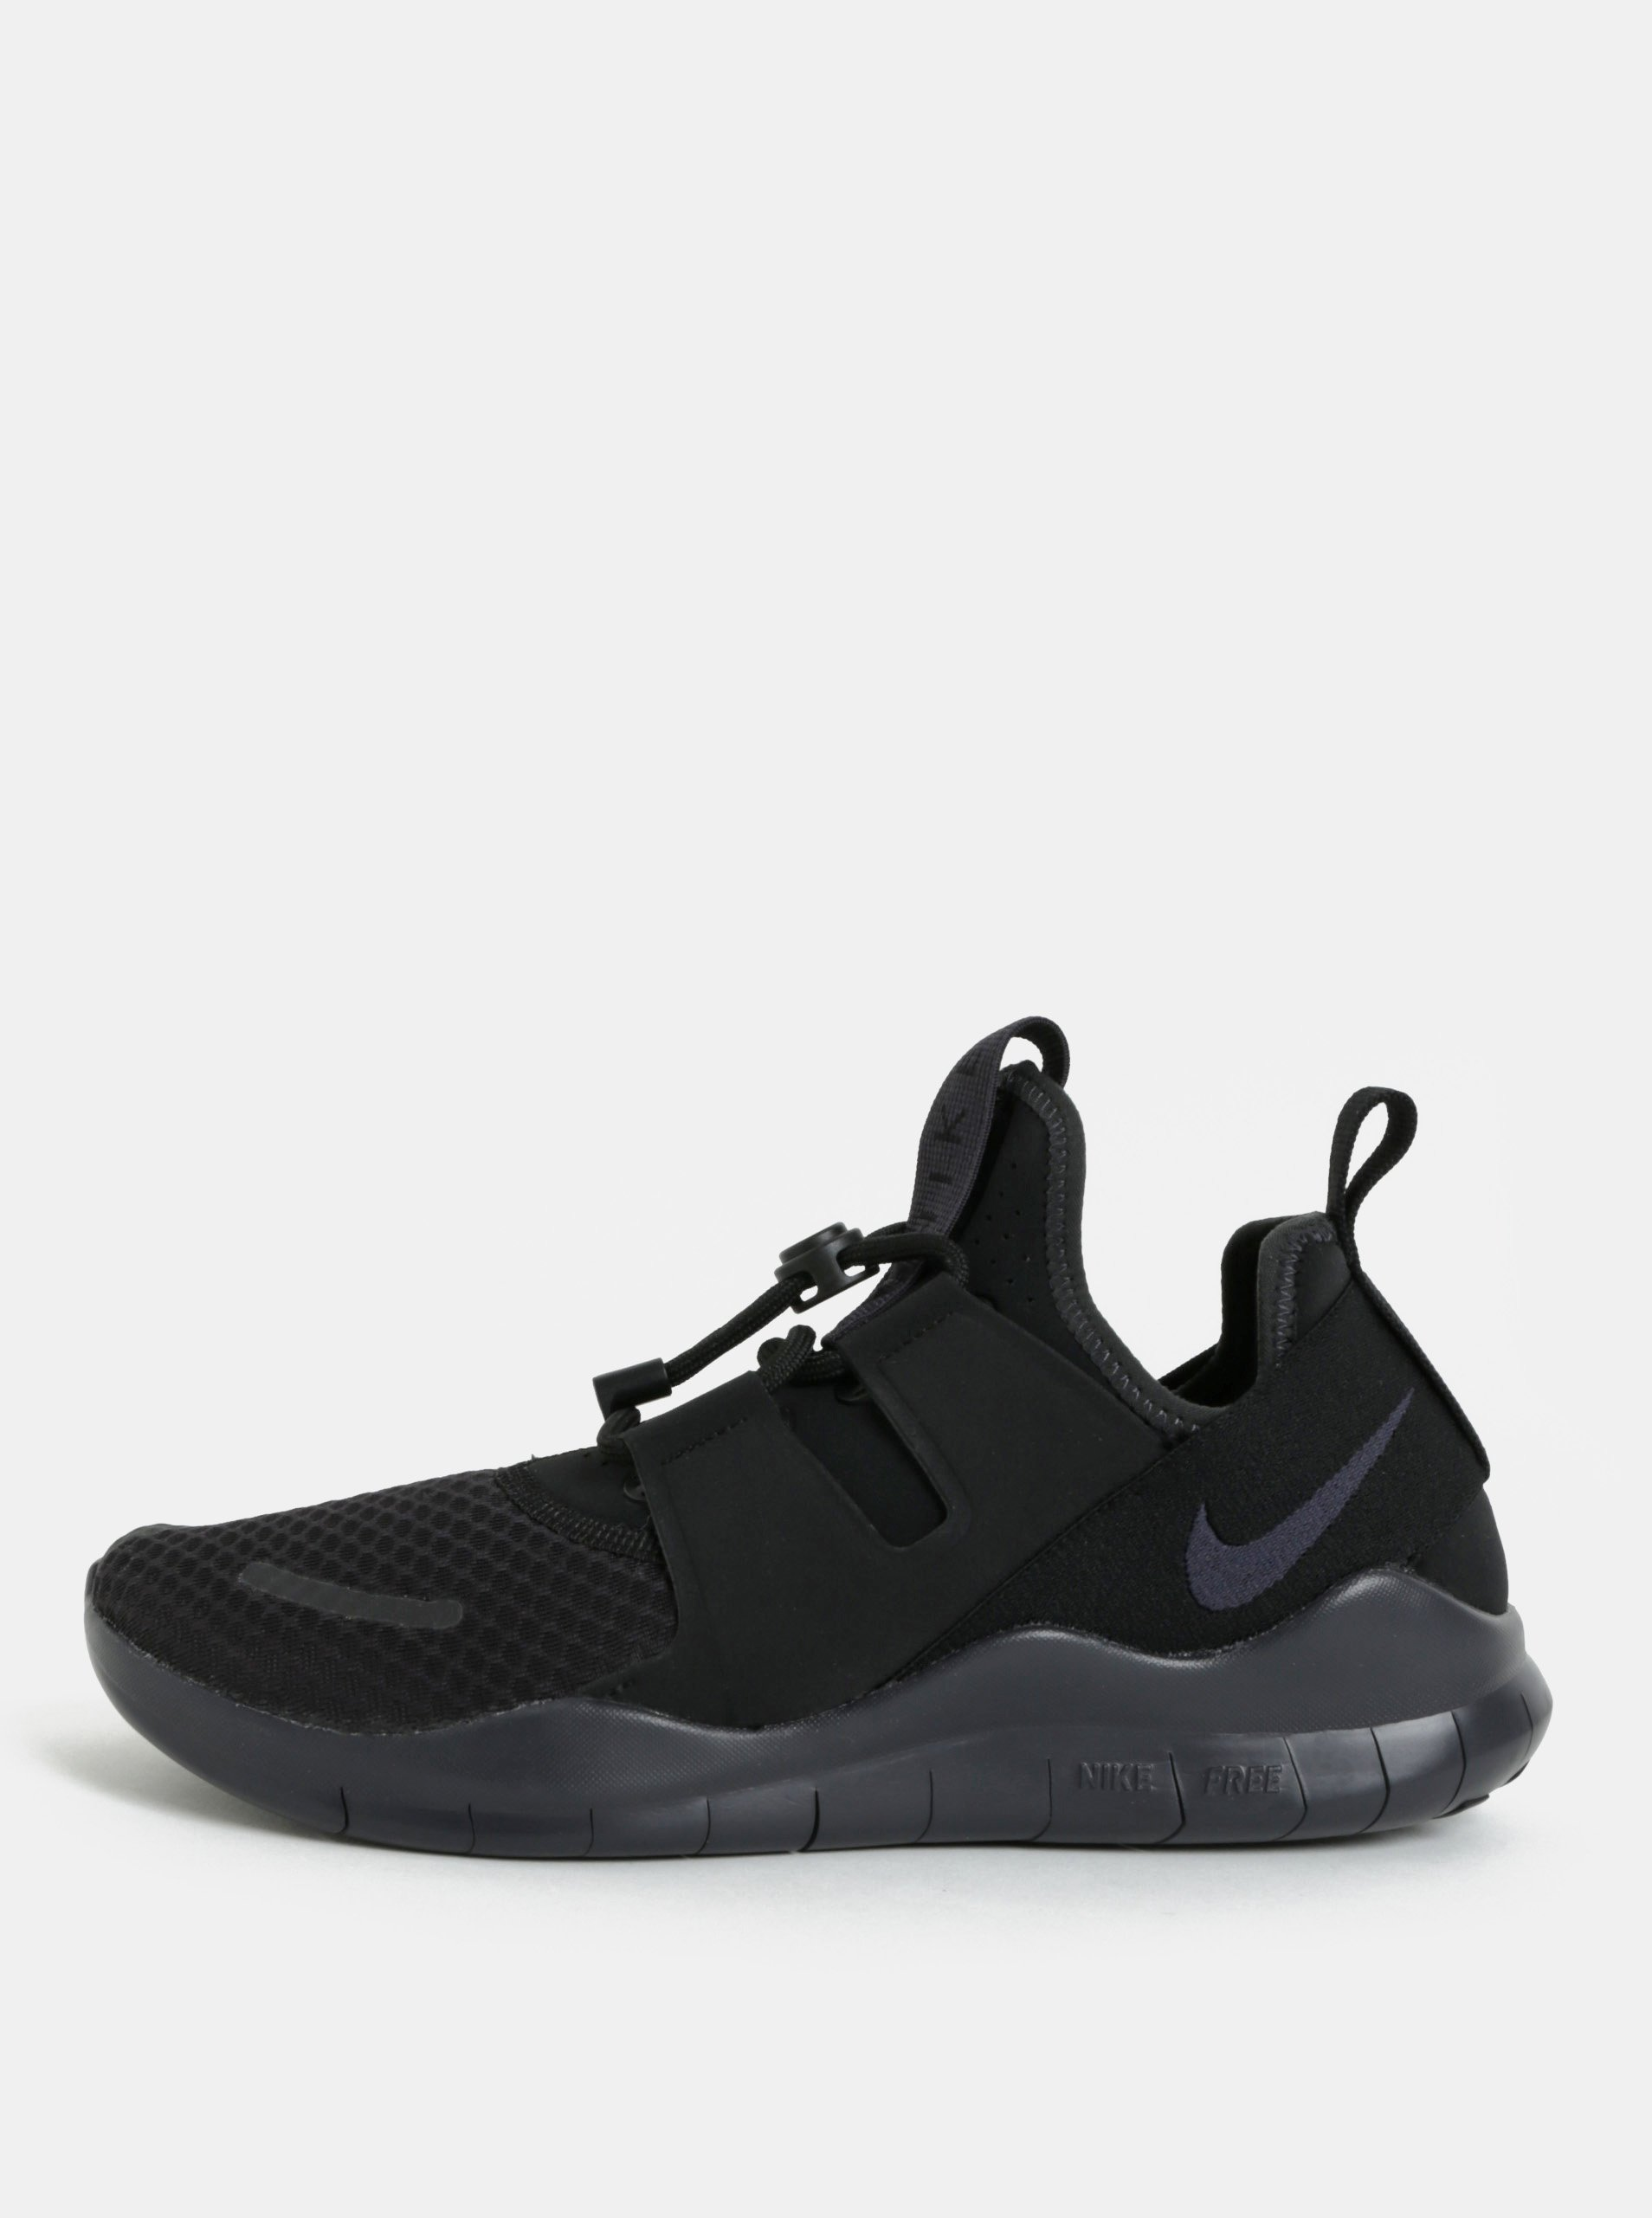 Čierne pánske tenisky Nike Free RN CMTR 2018 13c94caae0e